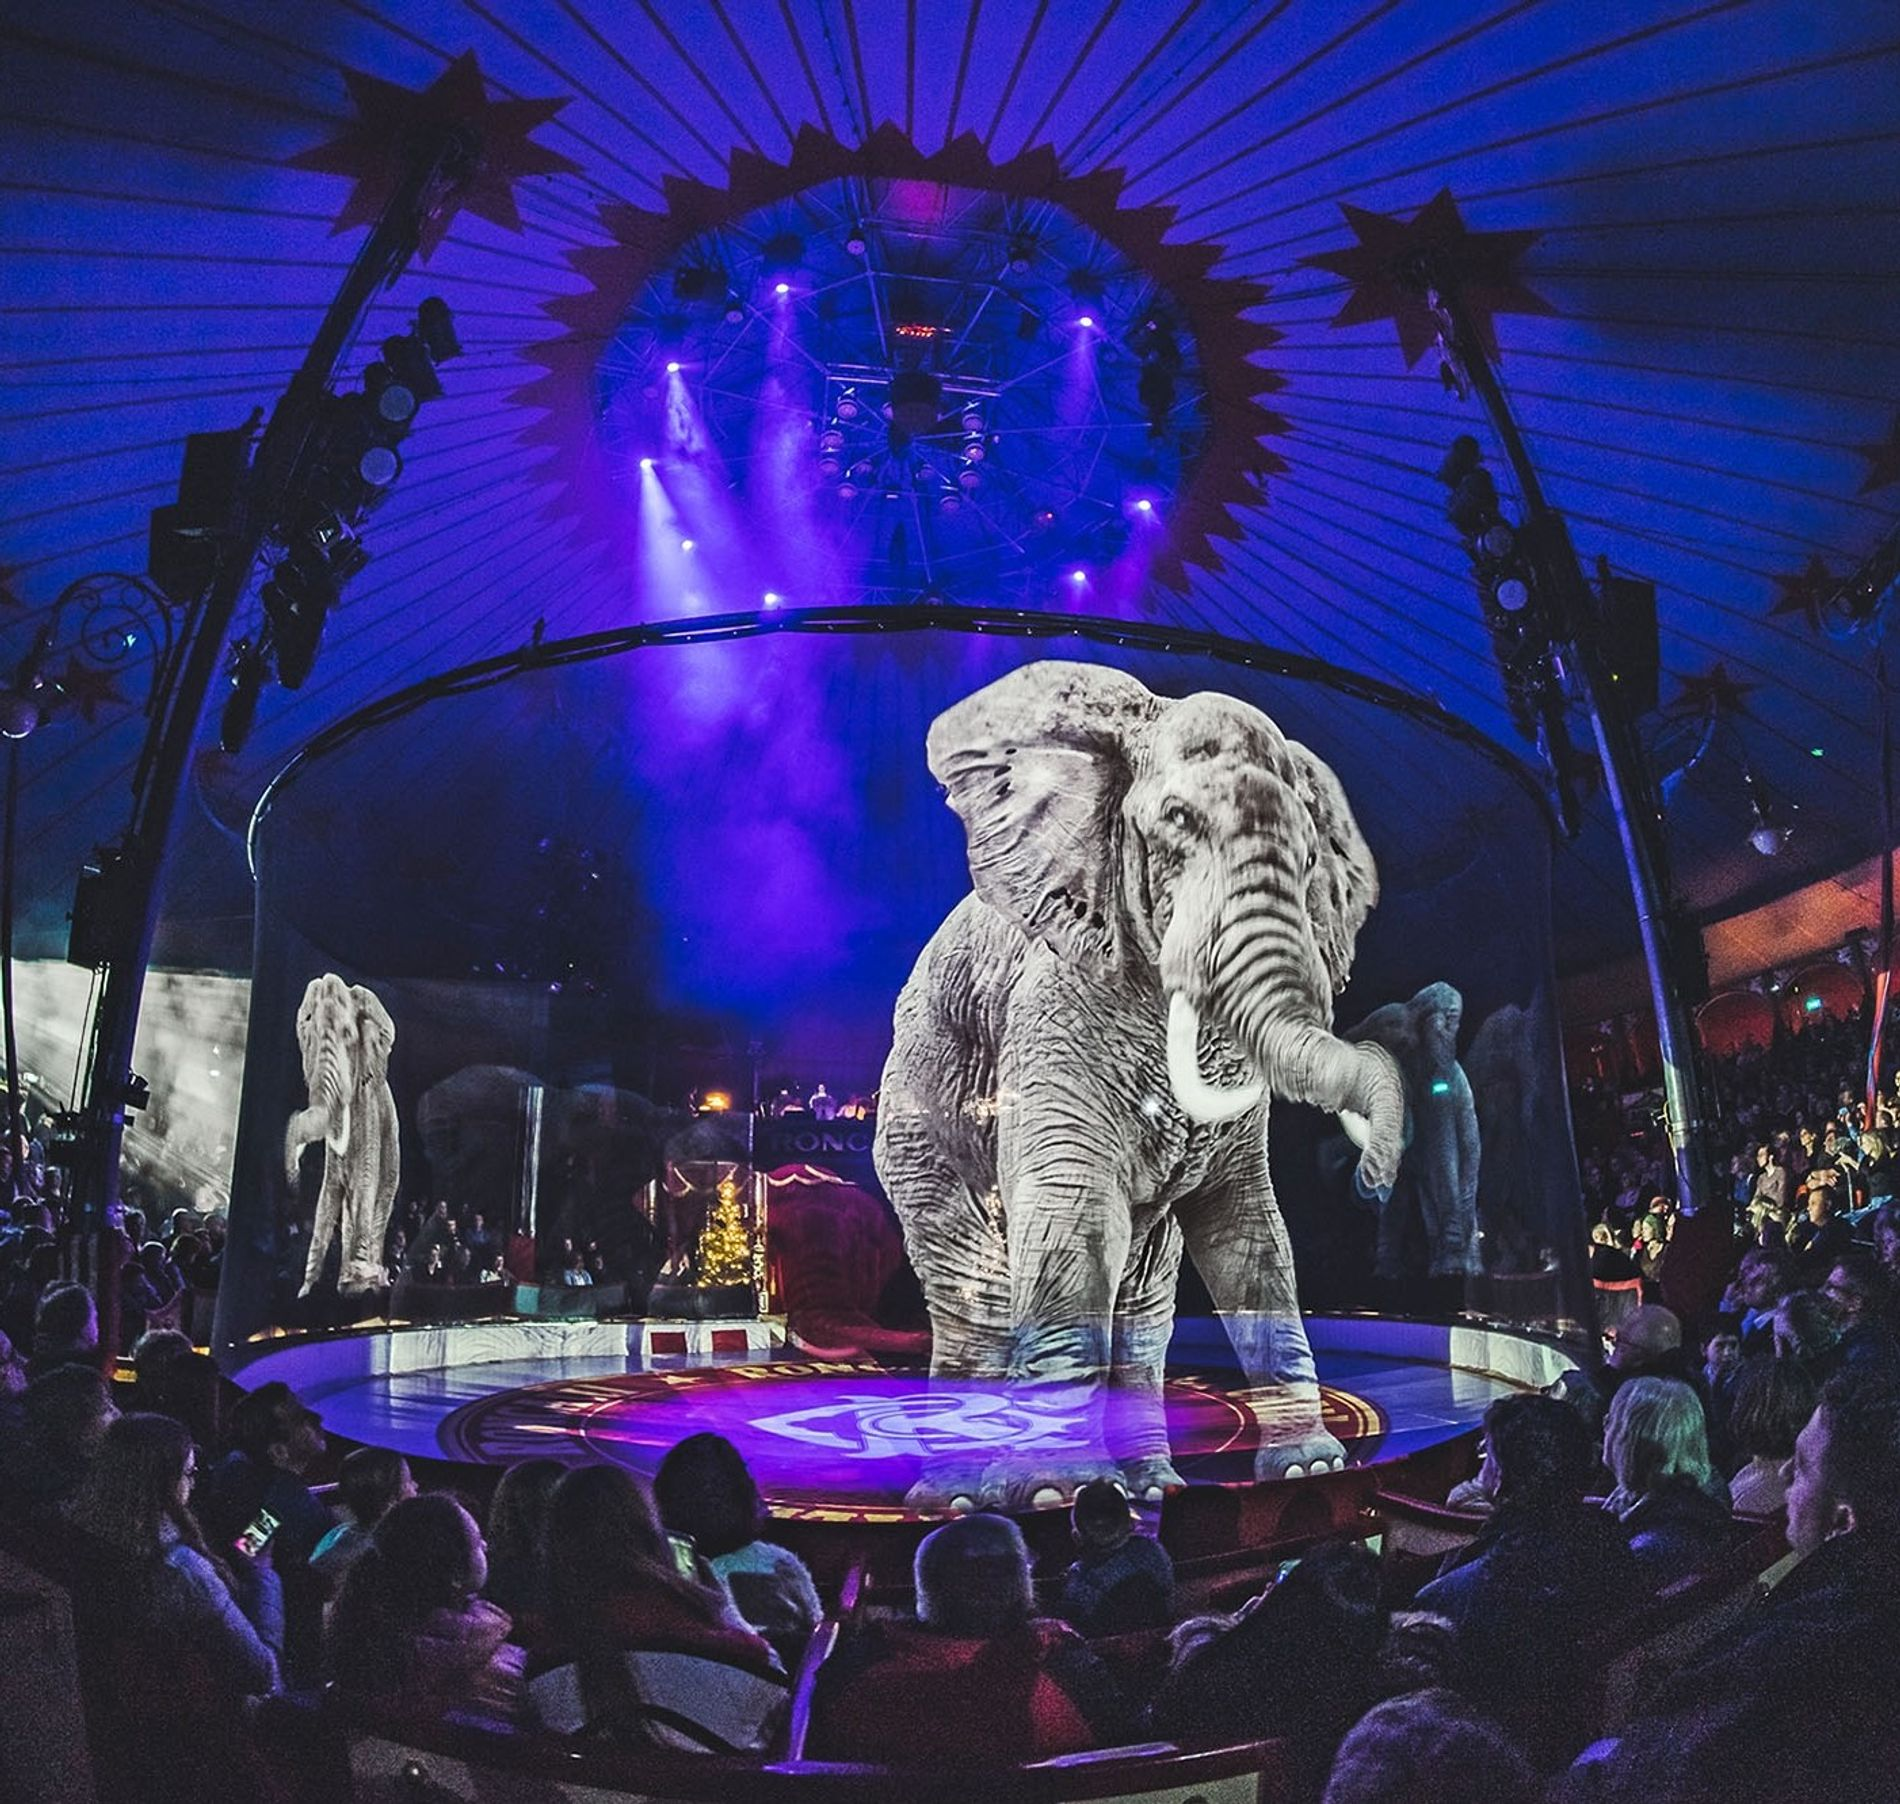 Holografia: Esse gigante deveria pesar mais de 10 toneladas, mas a criatura, feita de pixels, é ...